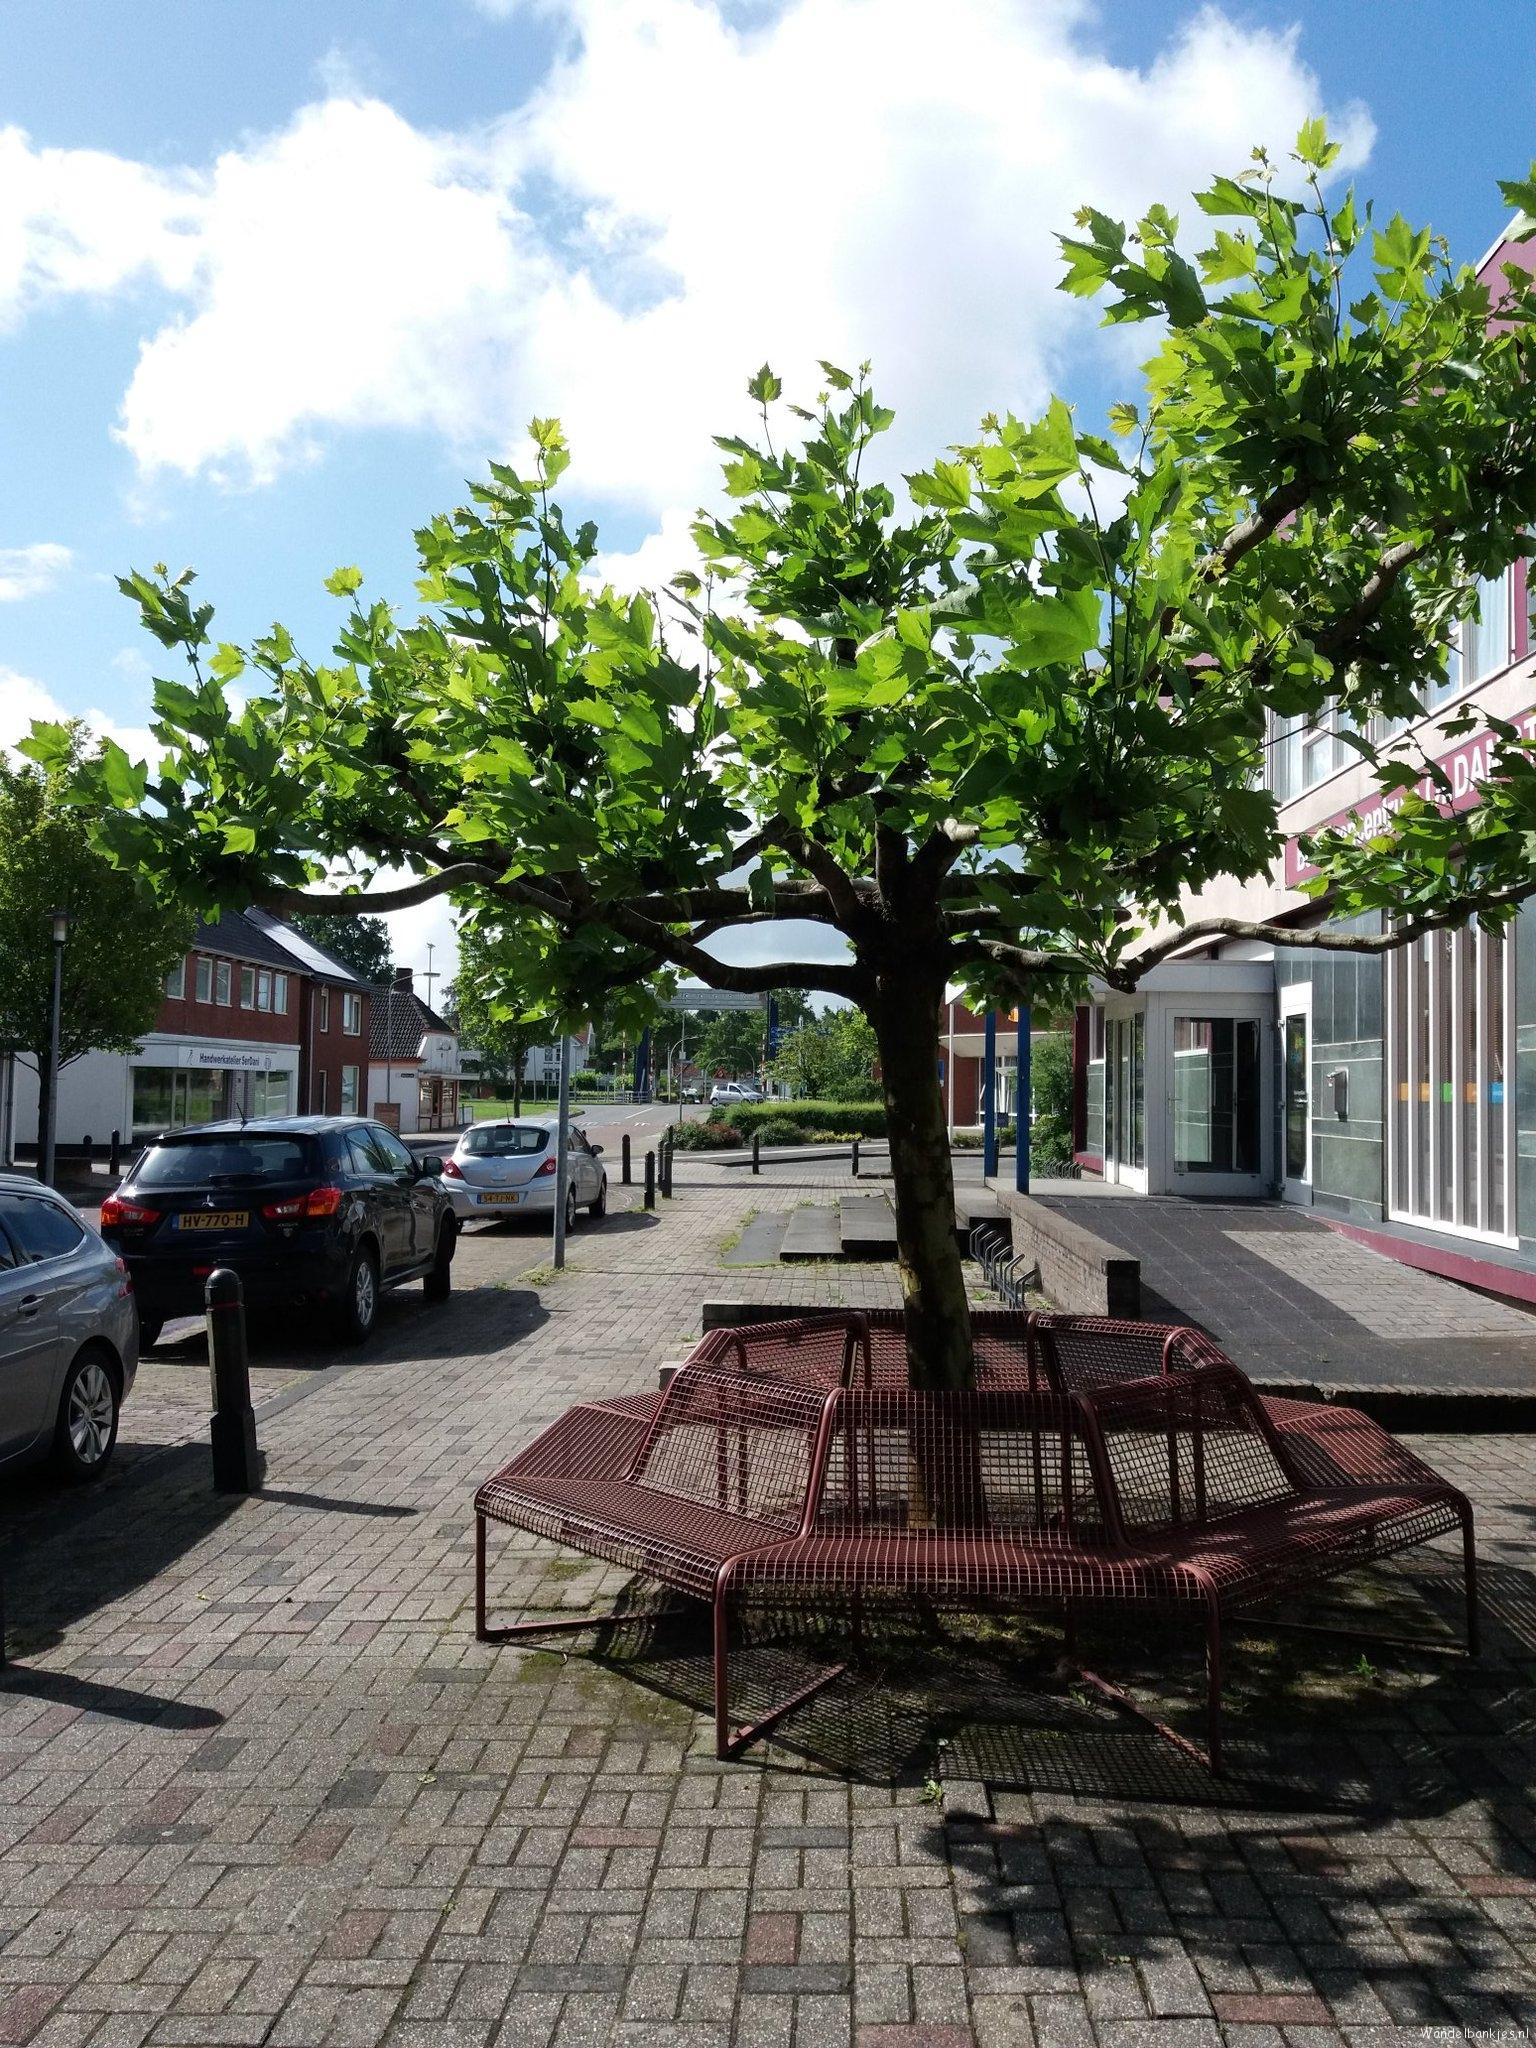 rt-walkingwithwar-walking-benches-stations-street-scheemda-https-t-co-tlugpudu27